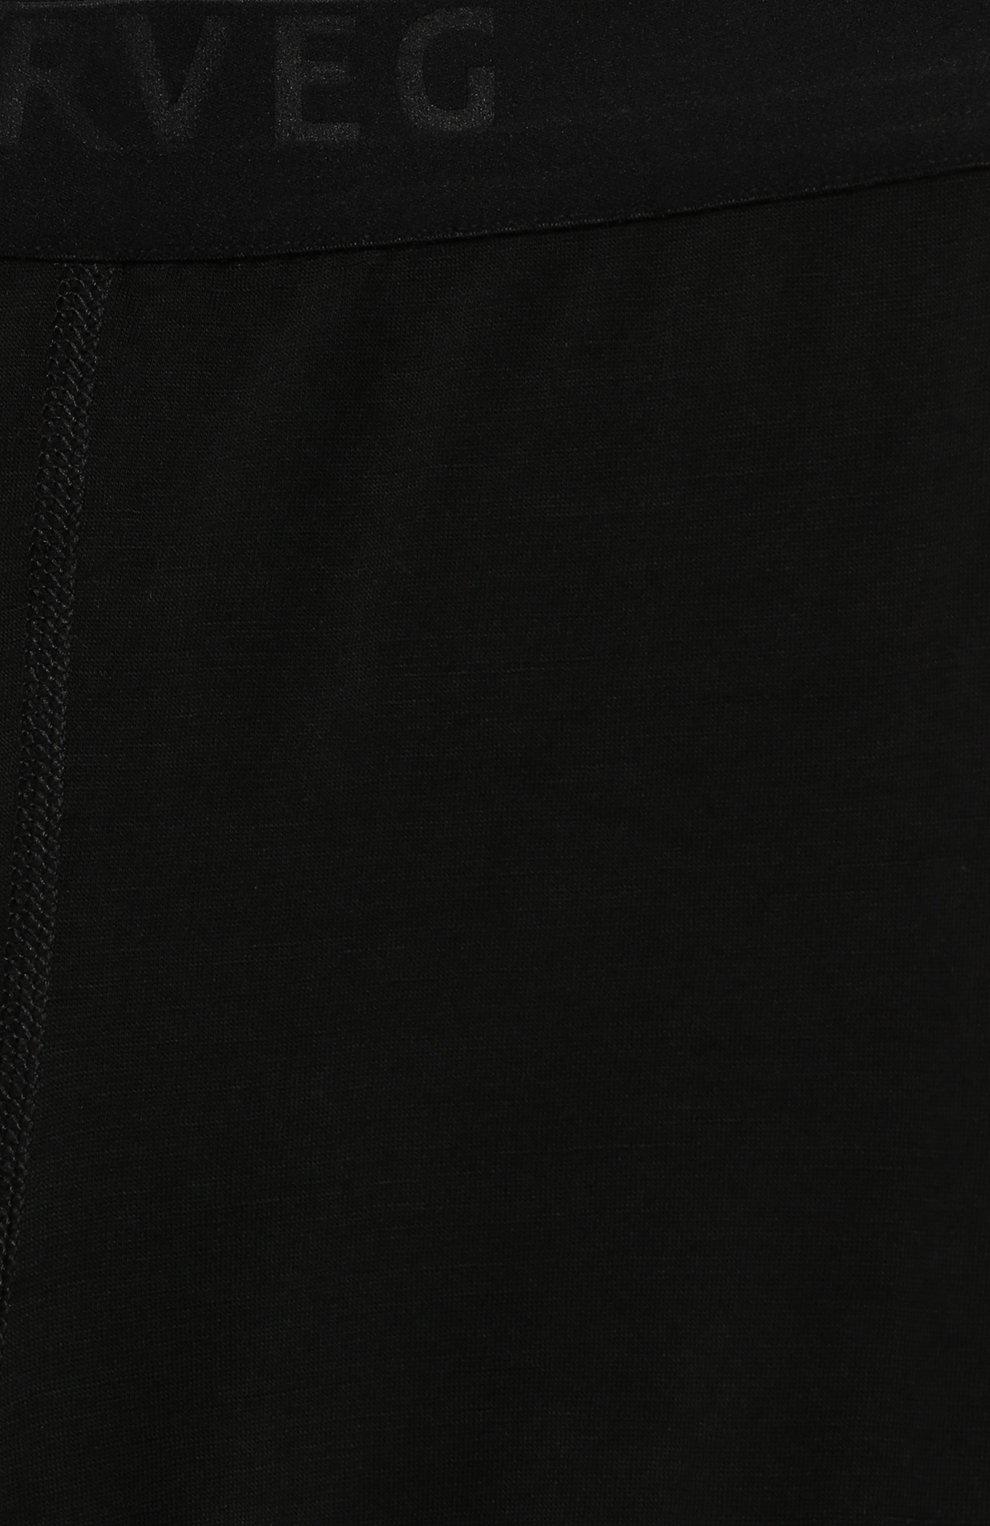 Детские леггинсы с широкой резинкой Norveg черного цвета | Фото №3